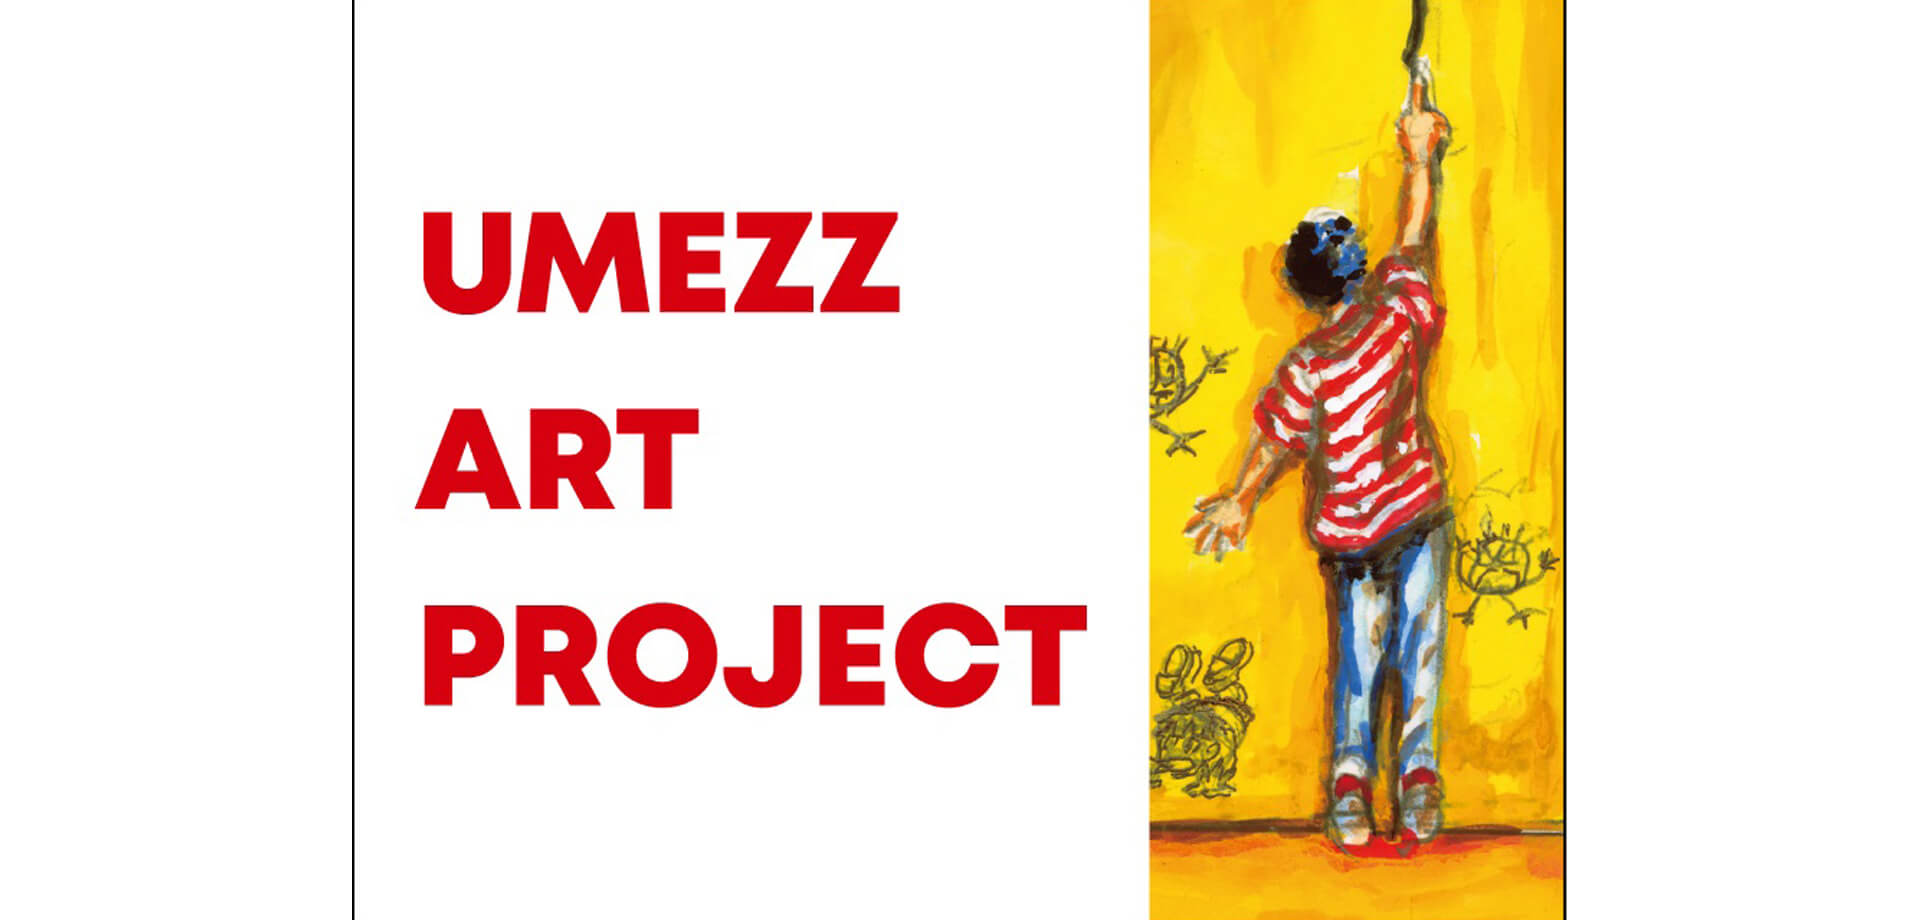 UMEZZ ART PROJECT 東京シティビュー 六本木ヒルズ